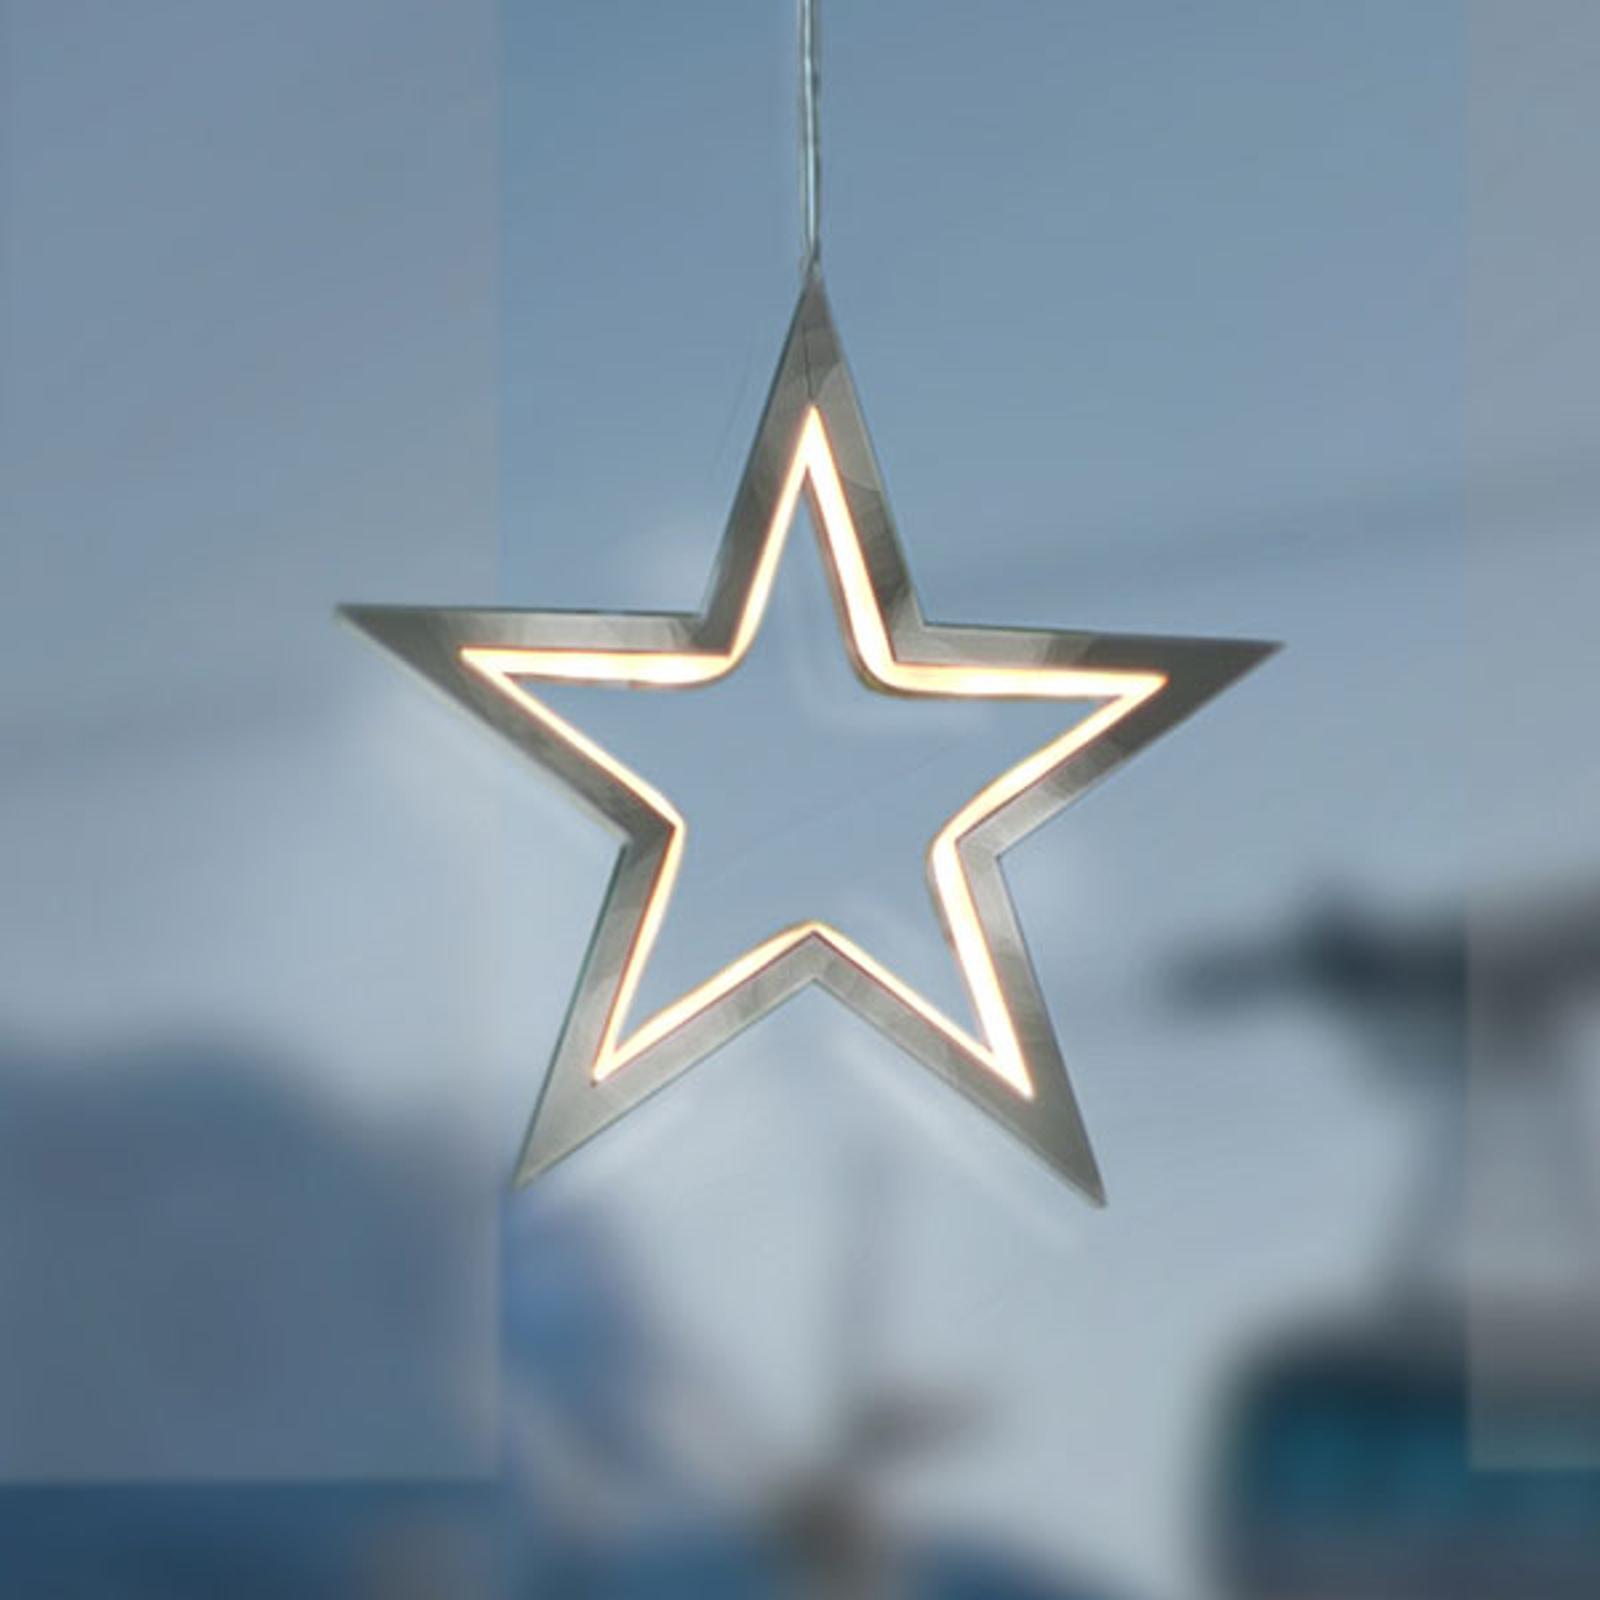 Gwiazda LED Lucy, chrom, 18 cm